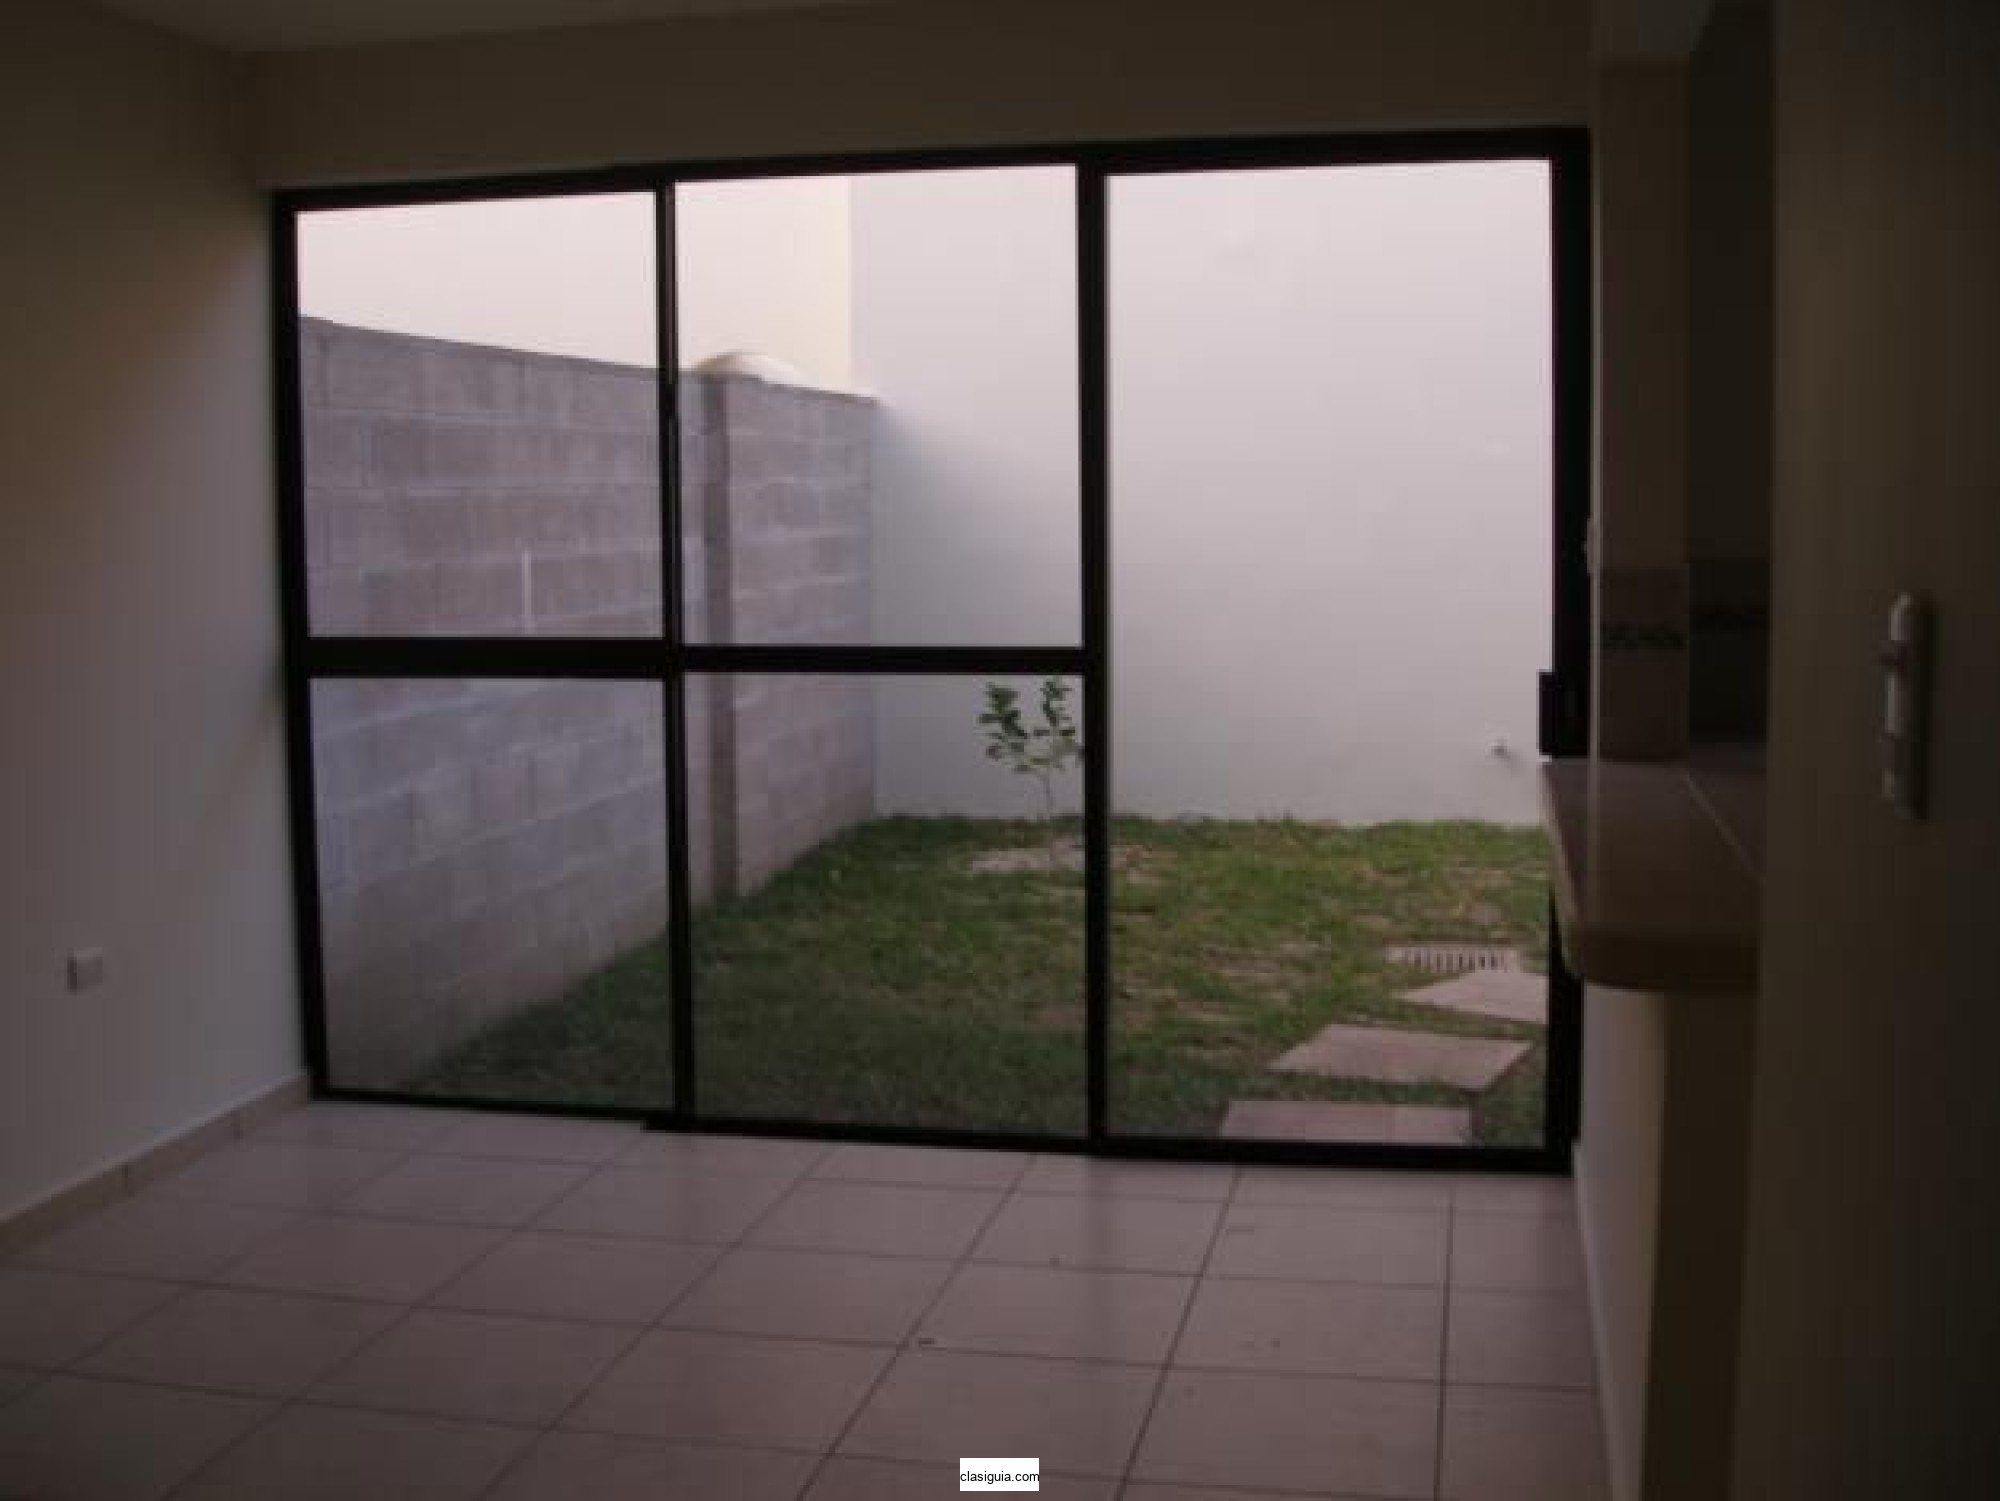 SE VENDE CASA RESIDENCIAL VERANDA, SANTA TECLA, PRIVADA, Área de 133.93 mts2 de construccion